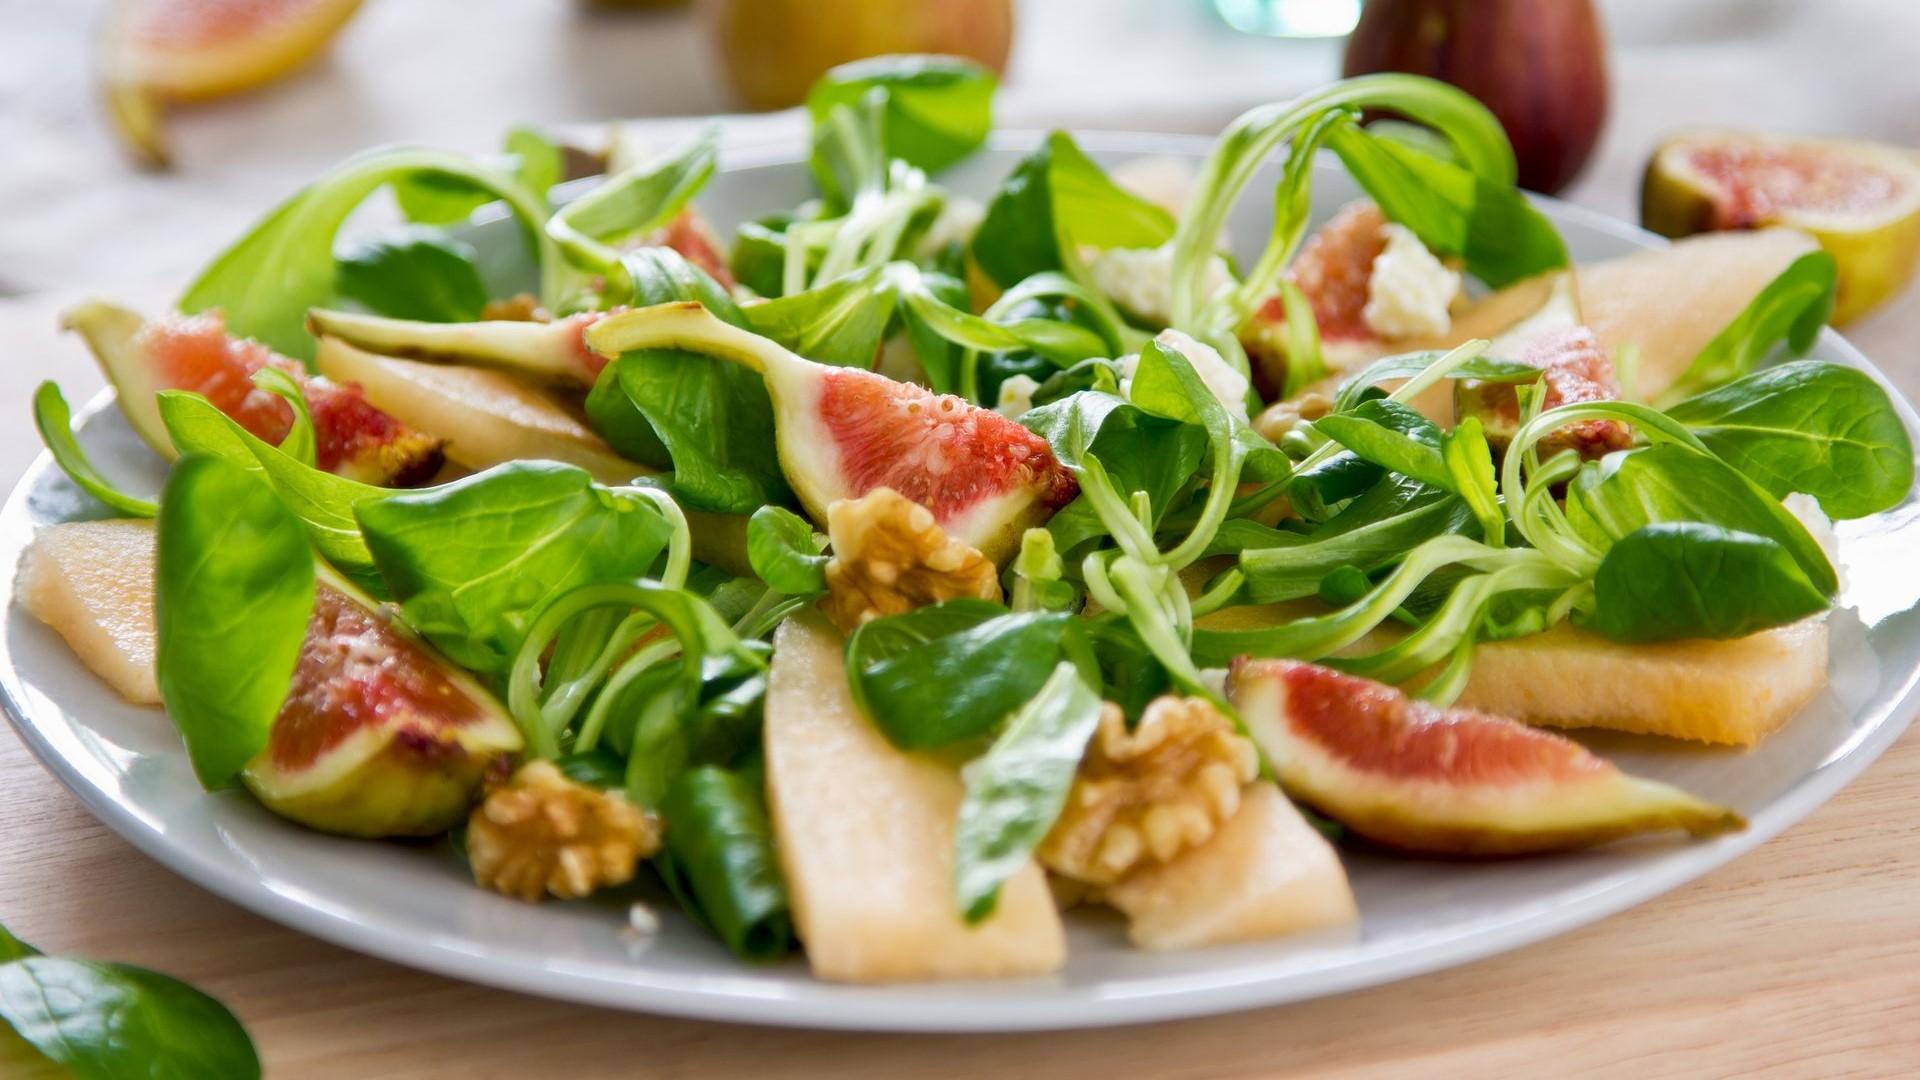 Feldsalat mit Feigen, Honigmelone und Wallnüssen